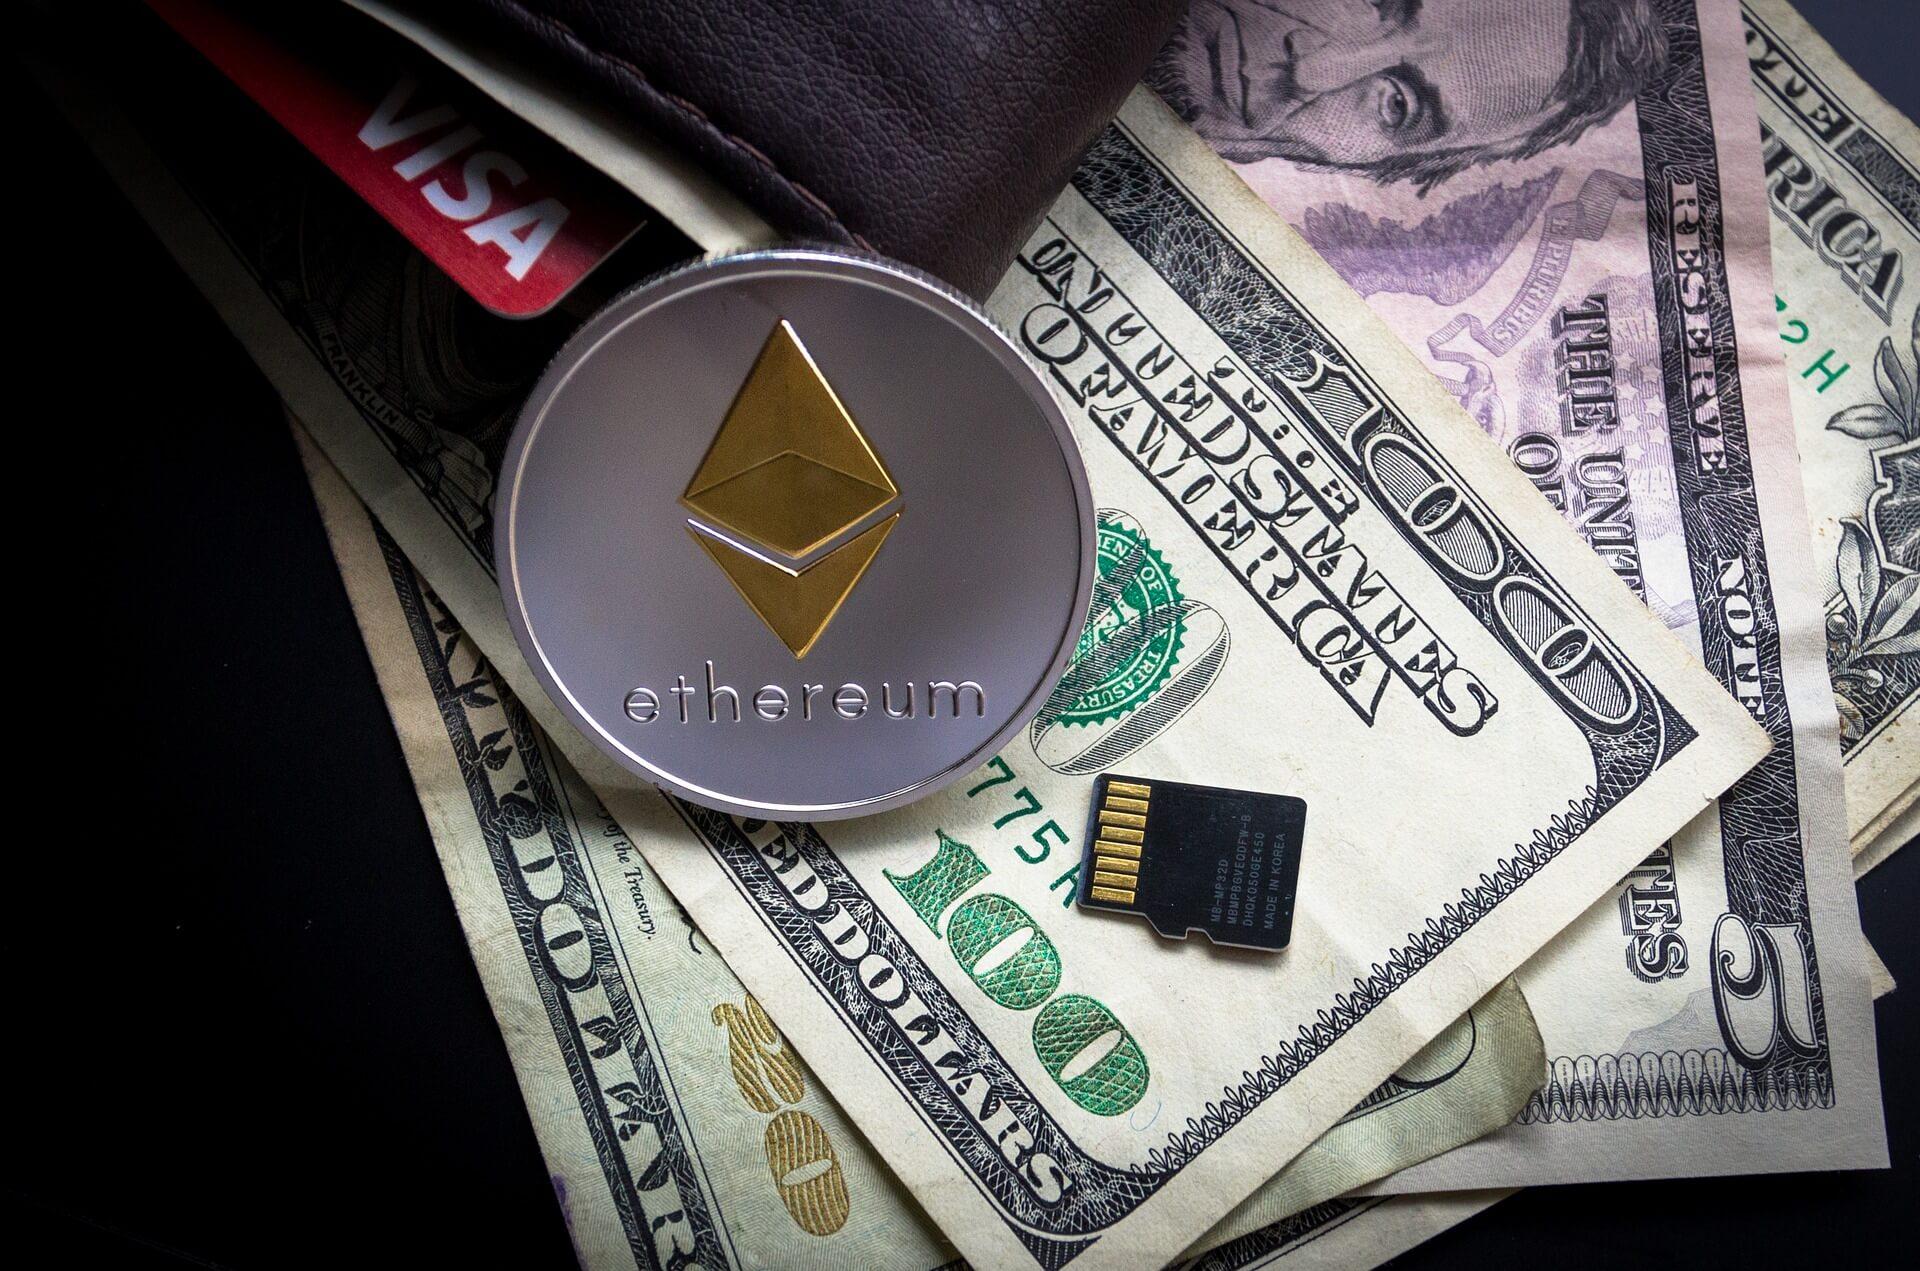 Billeteras digitales y plataformas de cambio virtuales